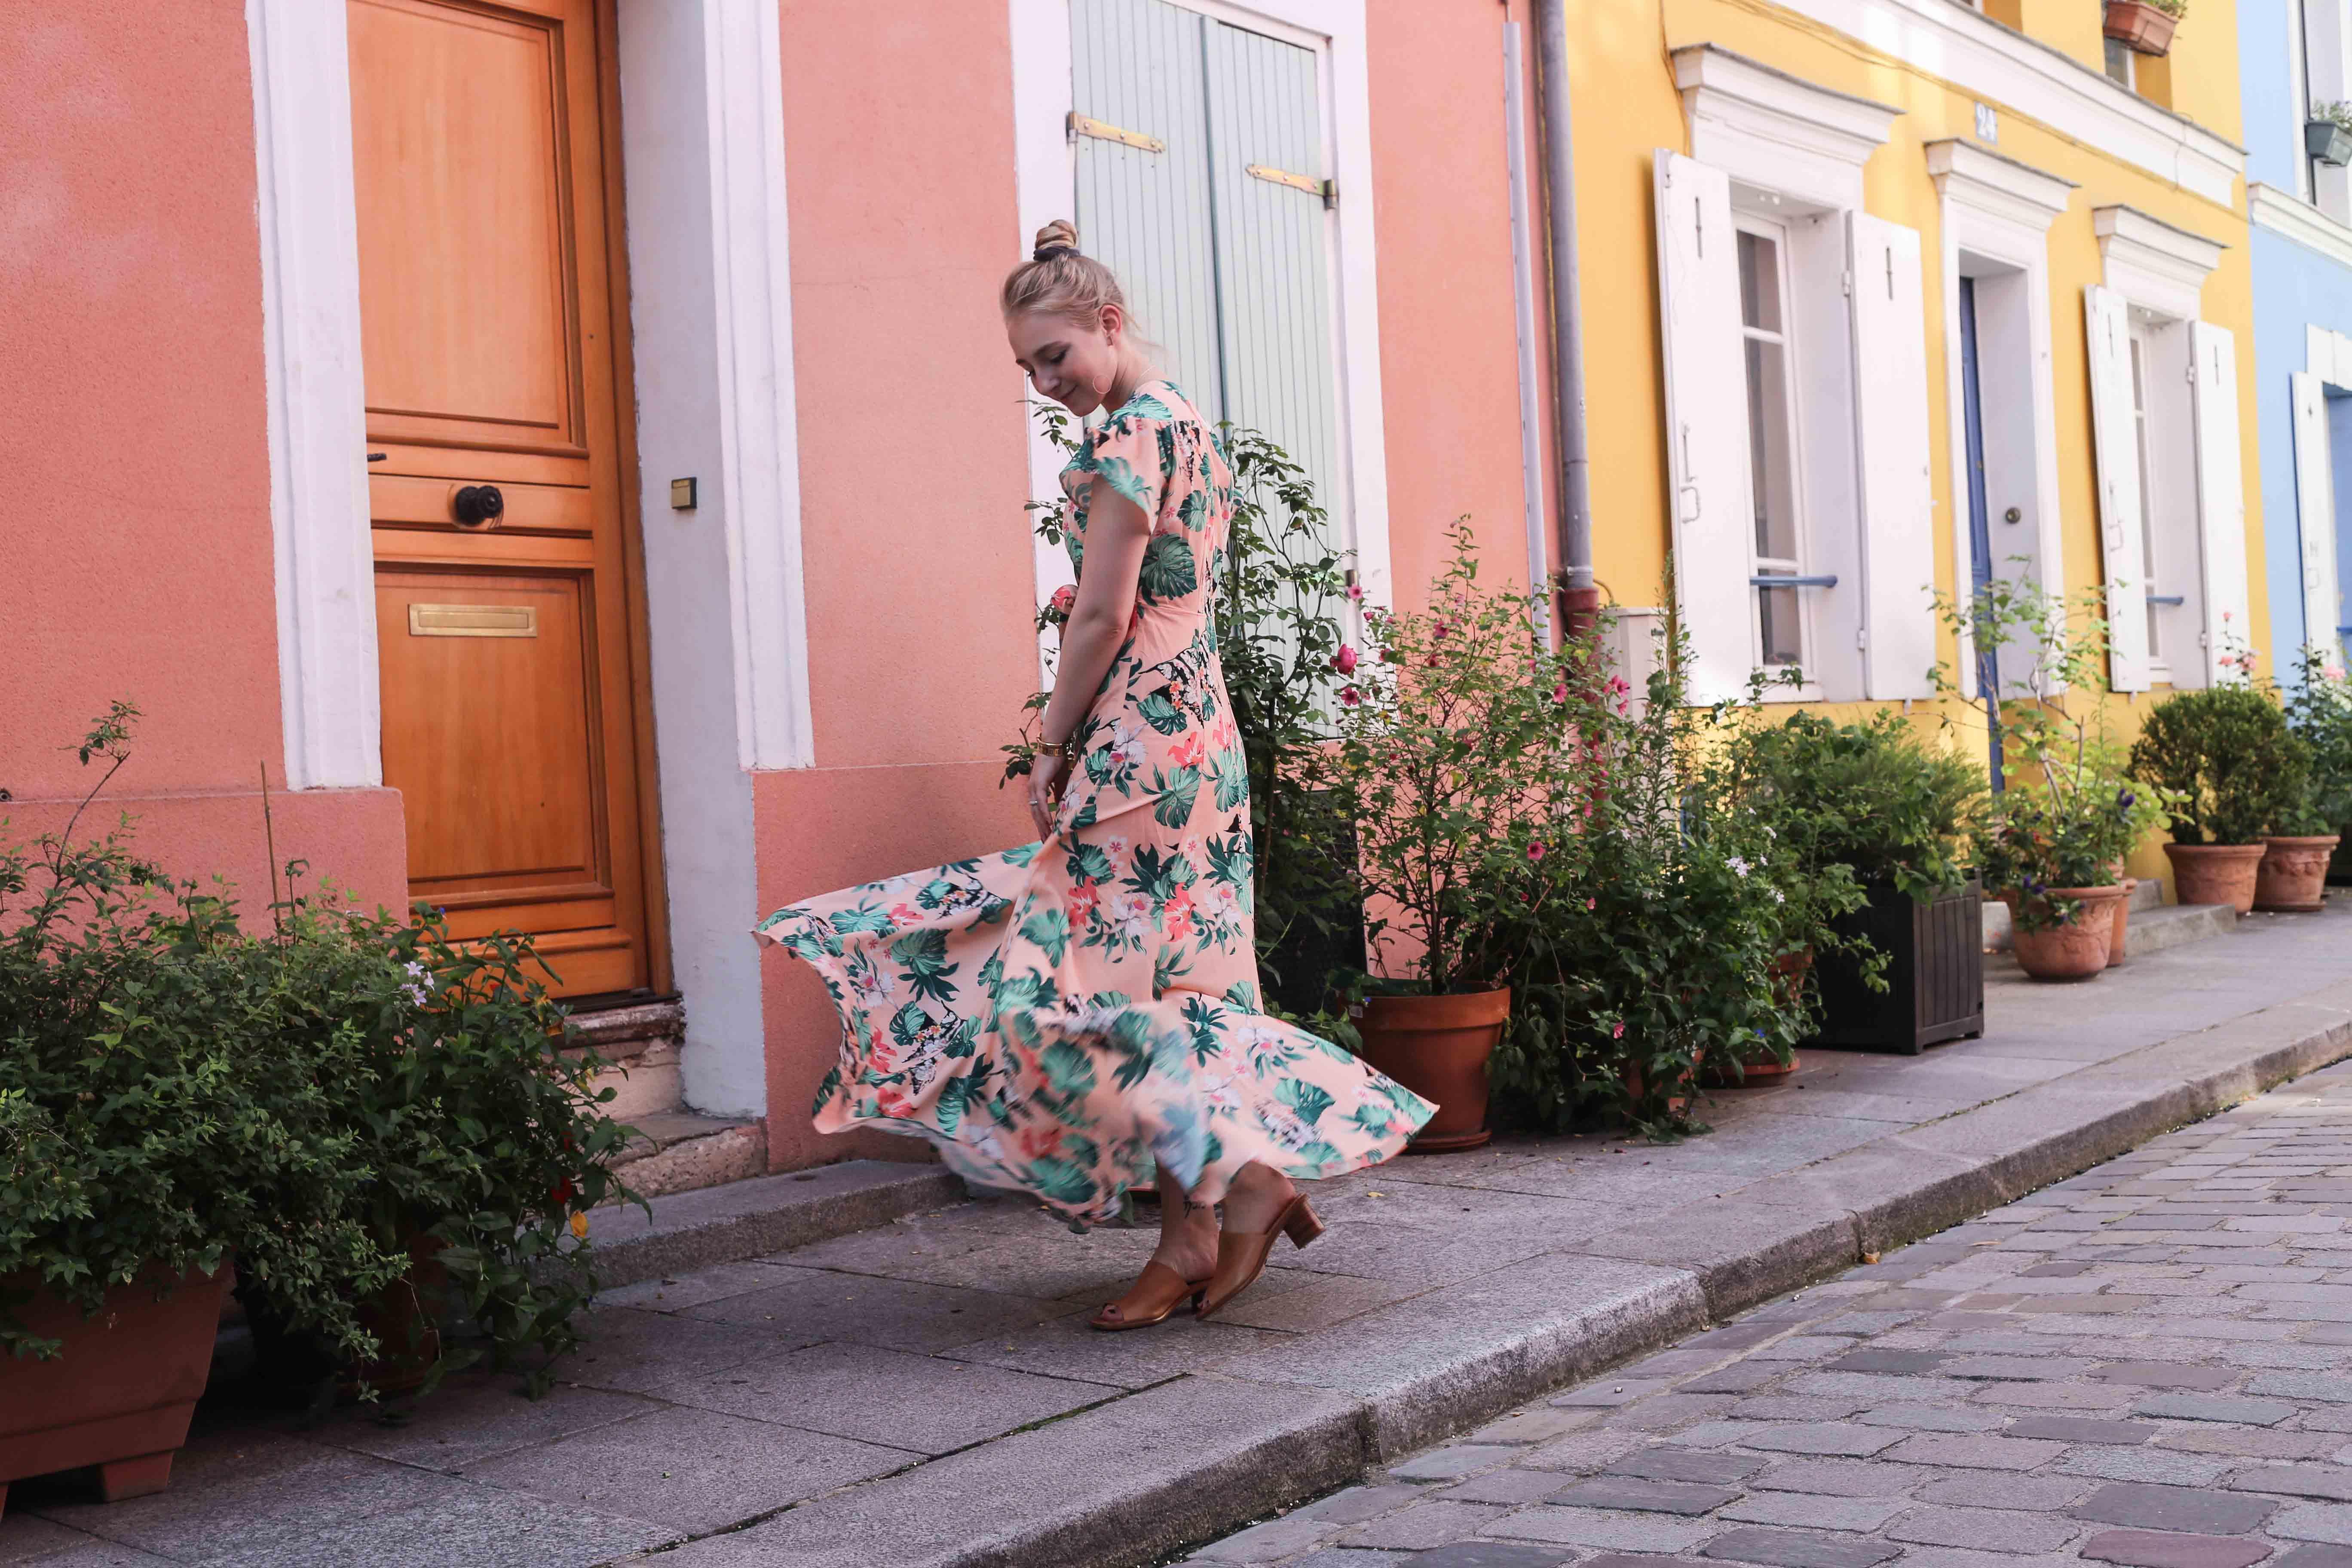 apricot-maxikleid-mules-sommer-paris-outfit-fashionblog-modeblog_1022